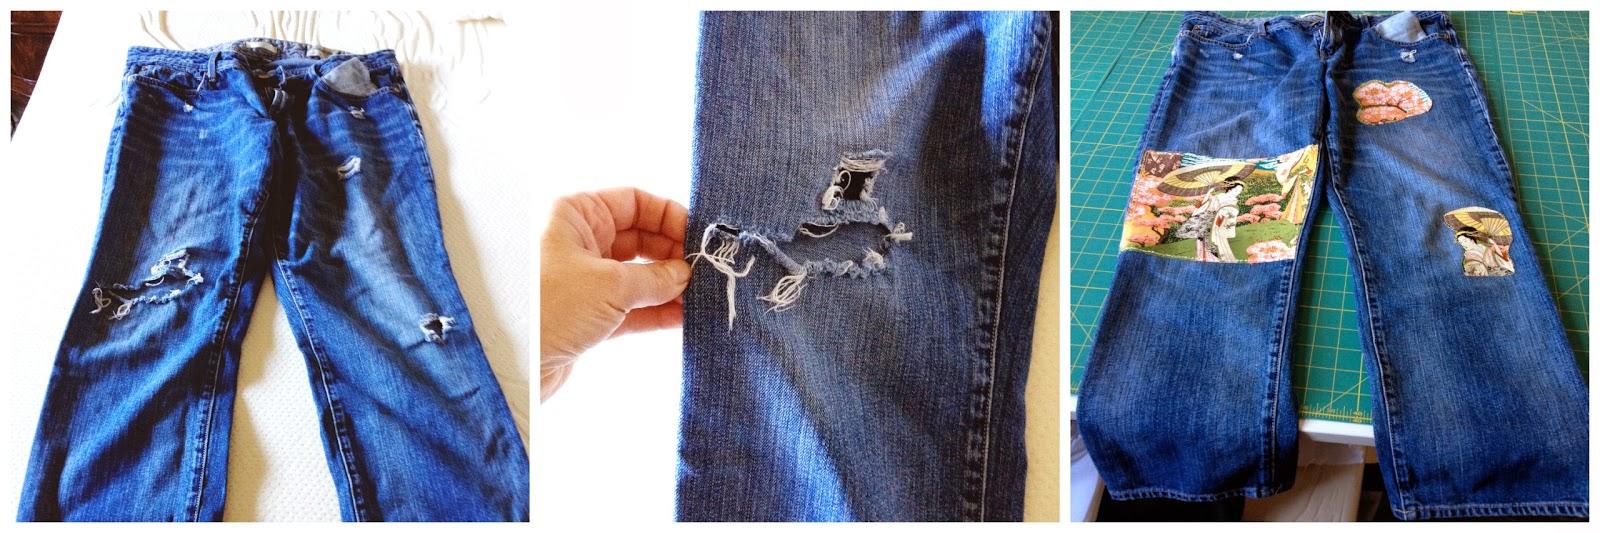 Декоративные заплатки на джинсы своими руками 43